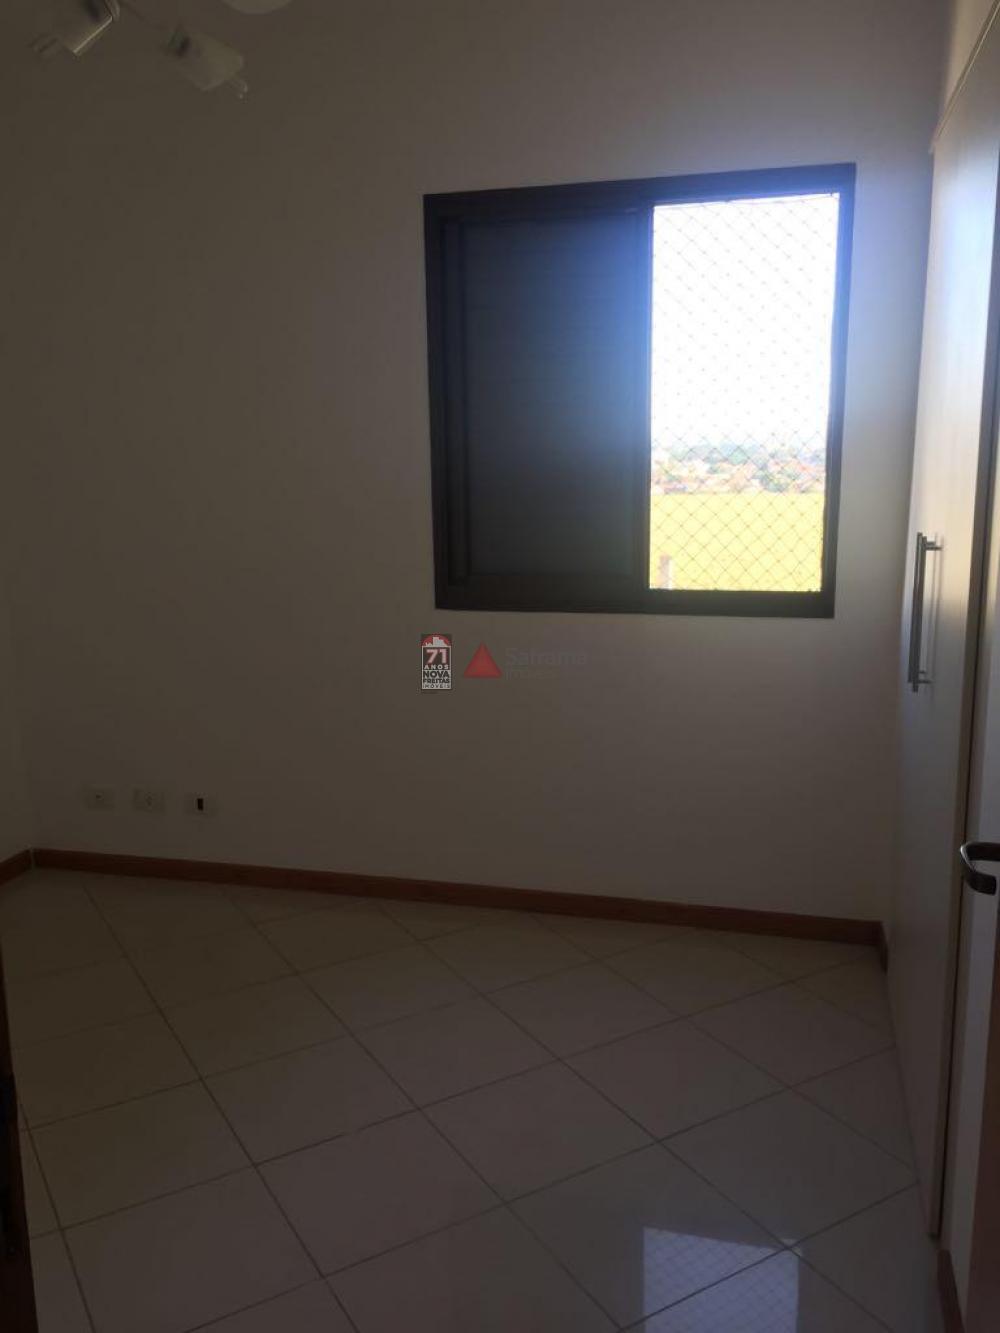 Comprar Apartamento / Padrão em São José dos Campos apenas R$ 530.000,00 - Foto 7